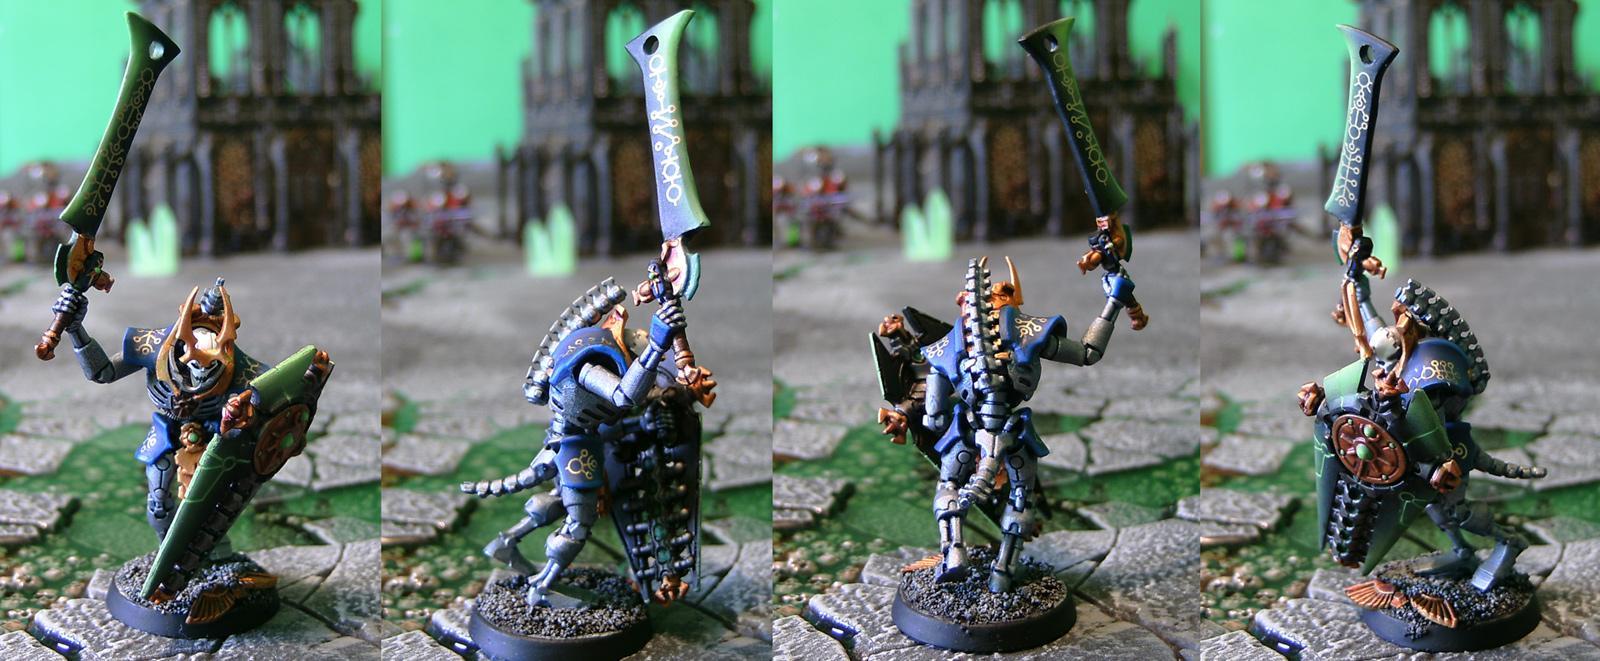 Lychguard, Lychguards, Necrons, Newcrons, Ouze, Warhammer 40,000